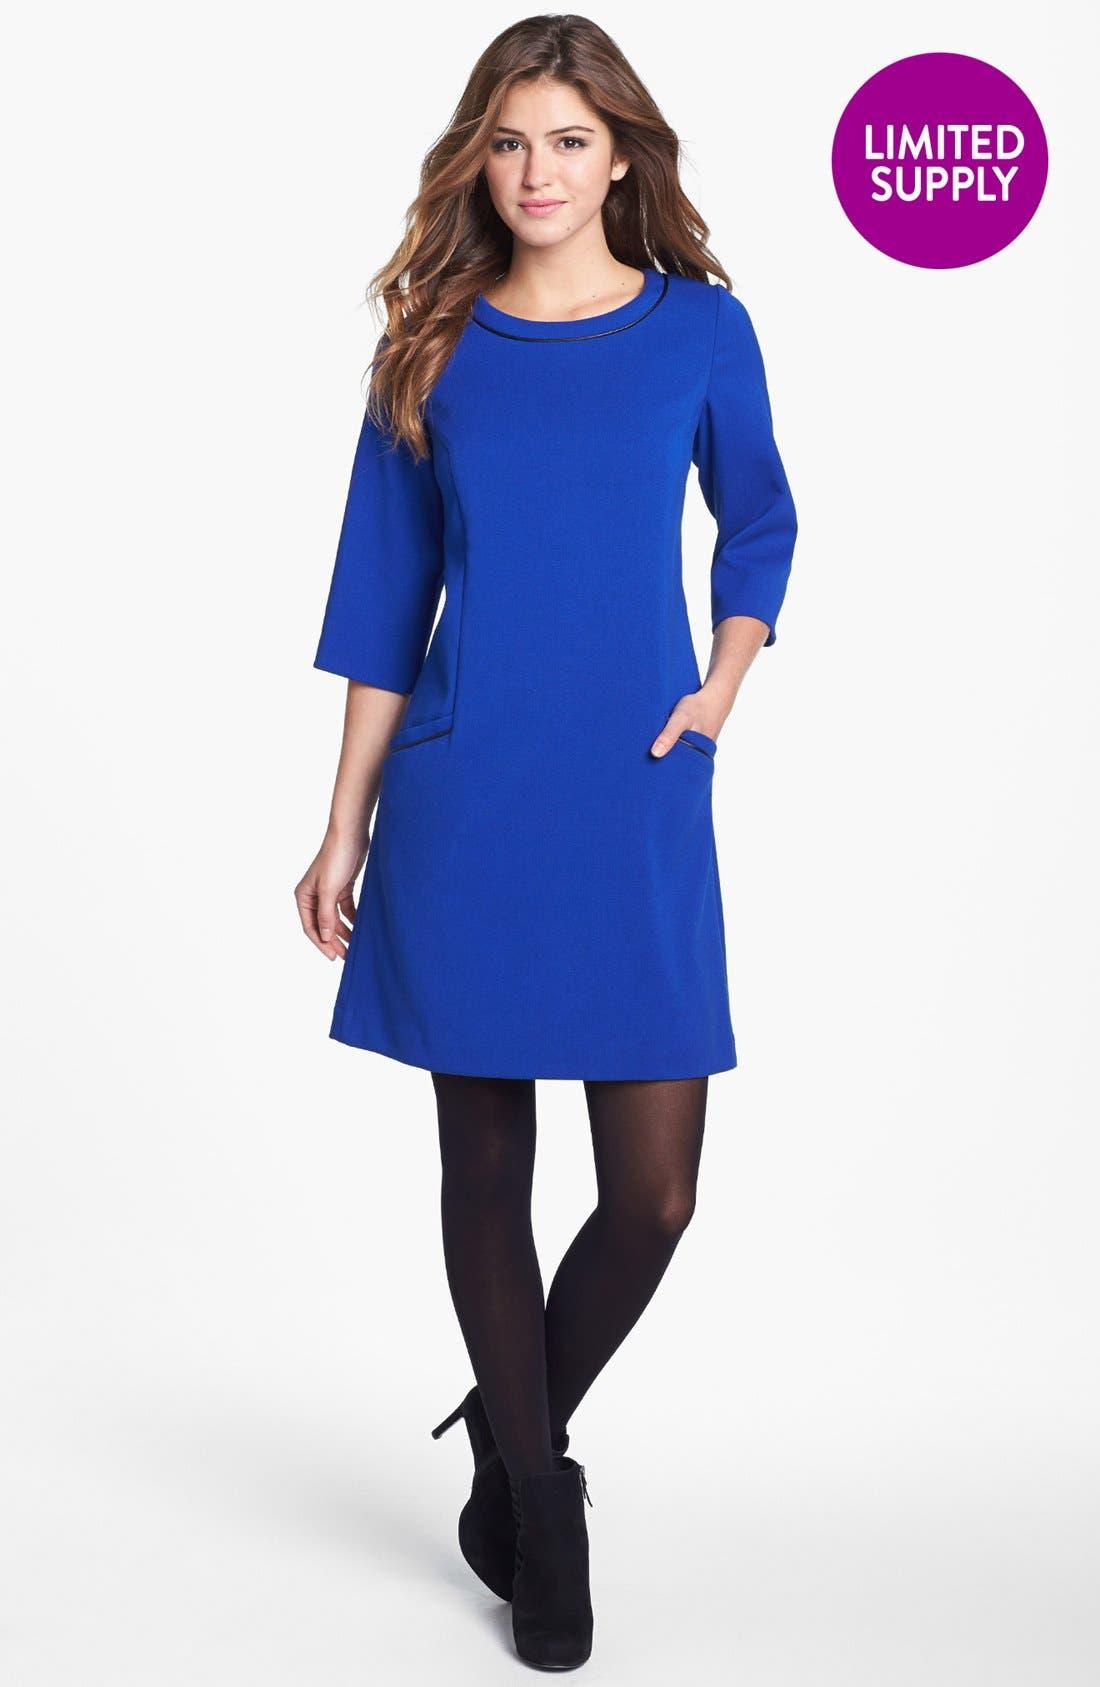 ELIZA J Faux Leather Trim Ponte Shift Dress, Main, color, 432